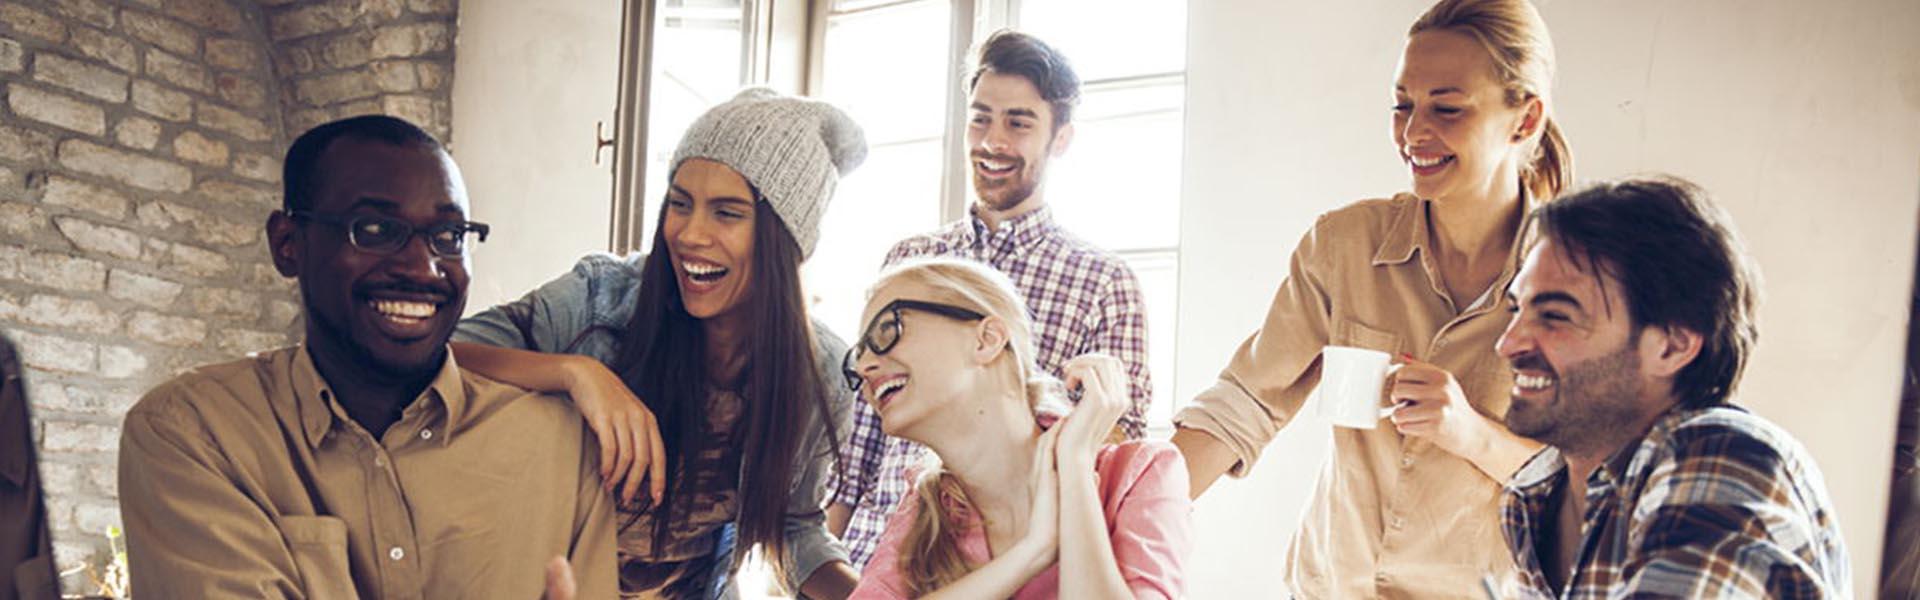 Jovens três mulheres três homens a conviver e a falar no trabalho sobre return on experience